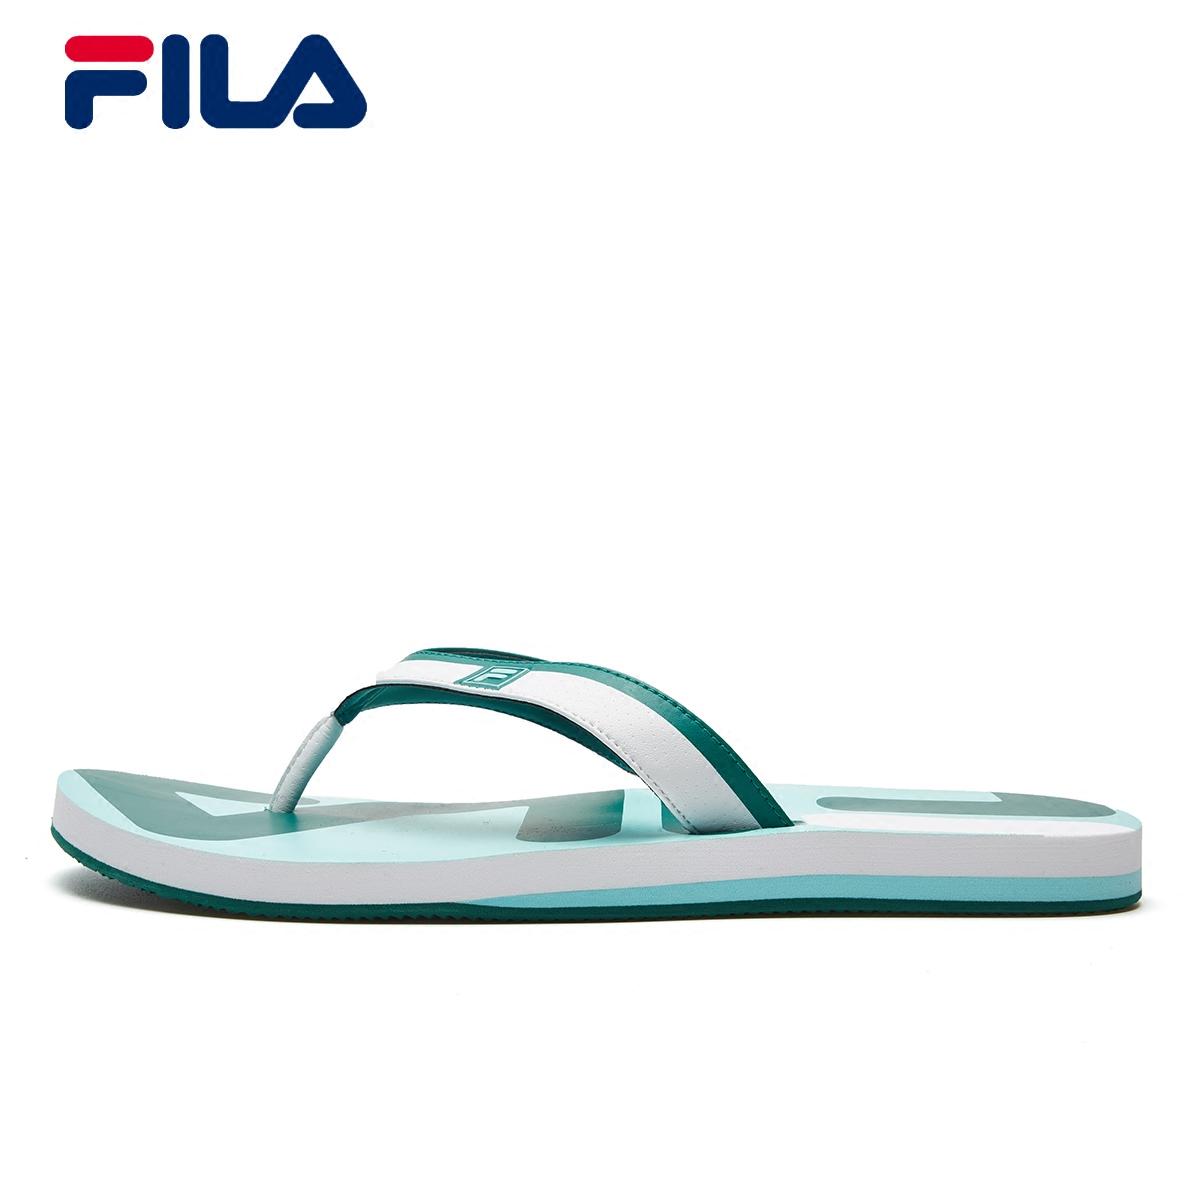 Fila Fila của nam giới thể thao dép 2018 mùa hè mới thể thao và giải trí ánh sáng flip flops